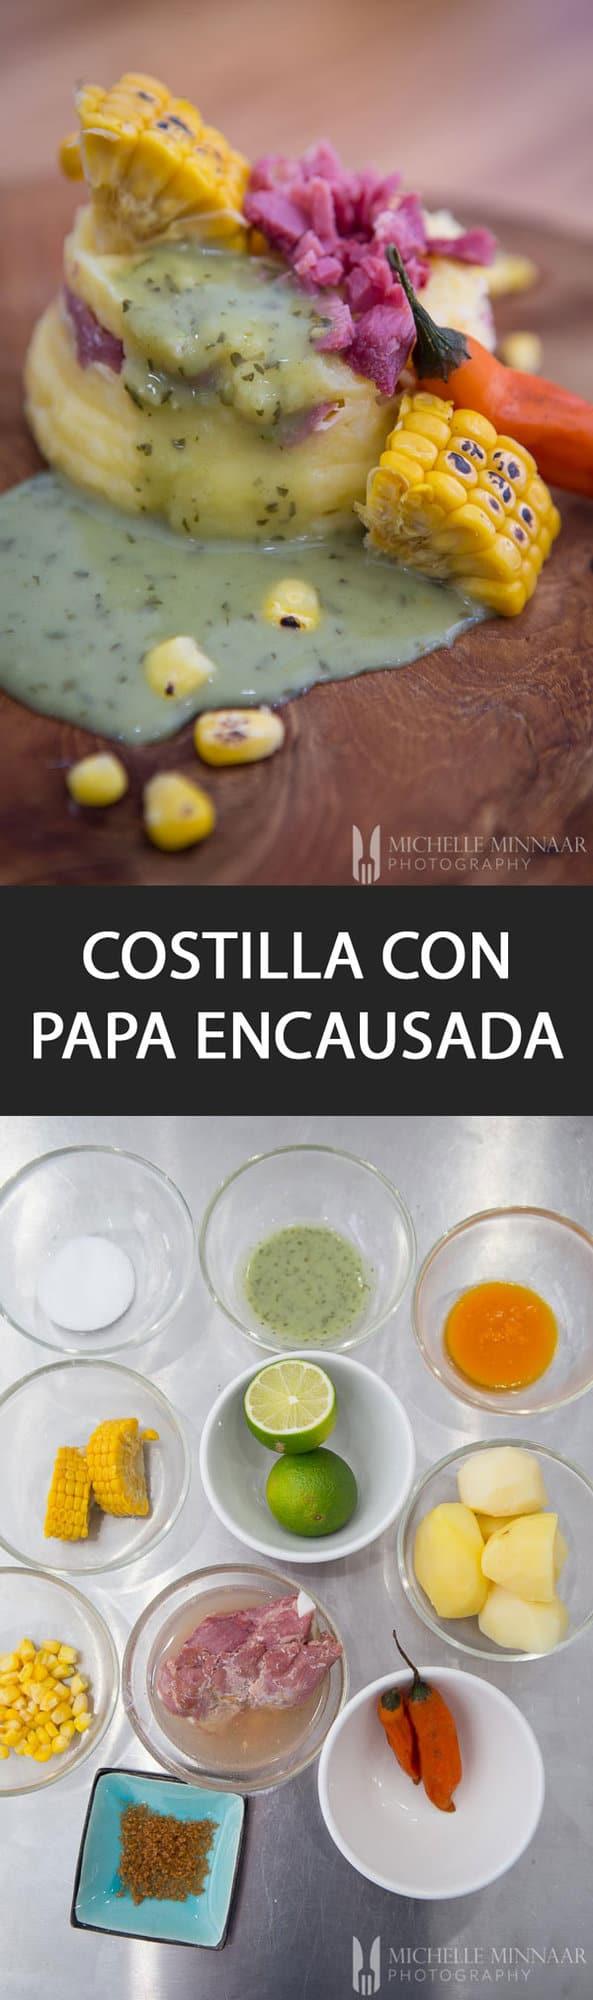 Pin Costilla